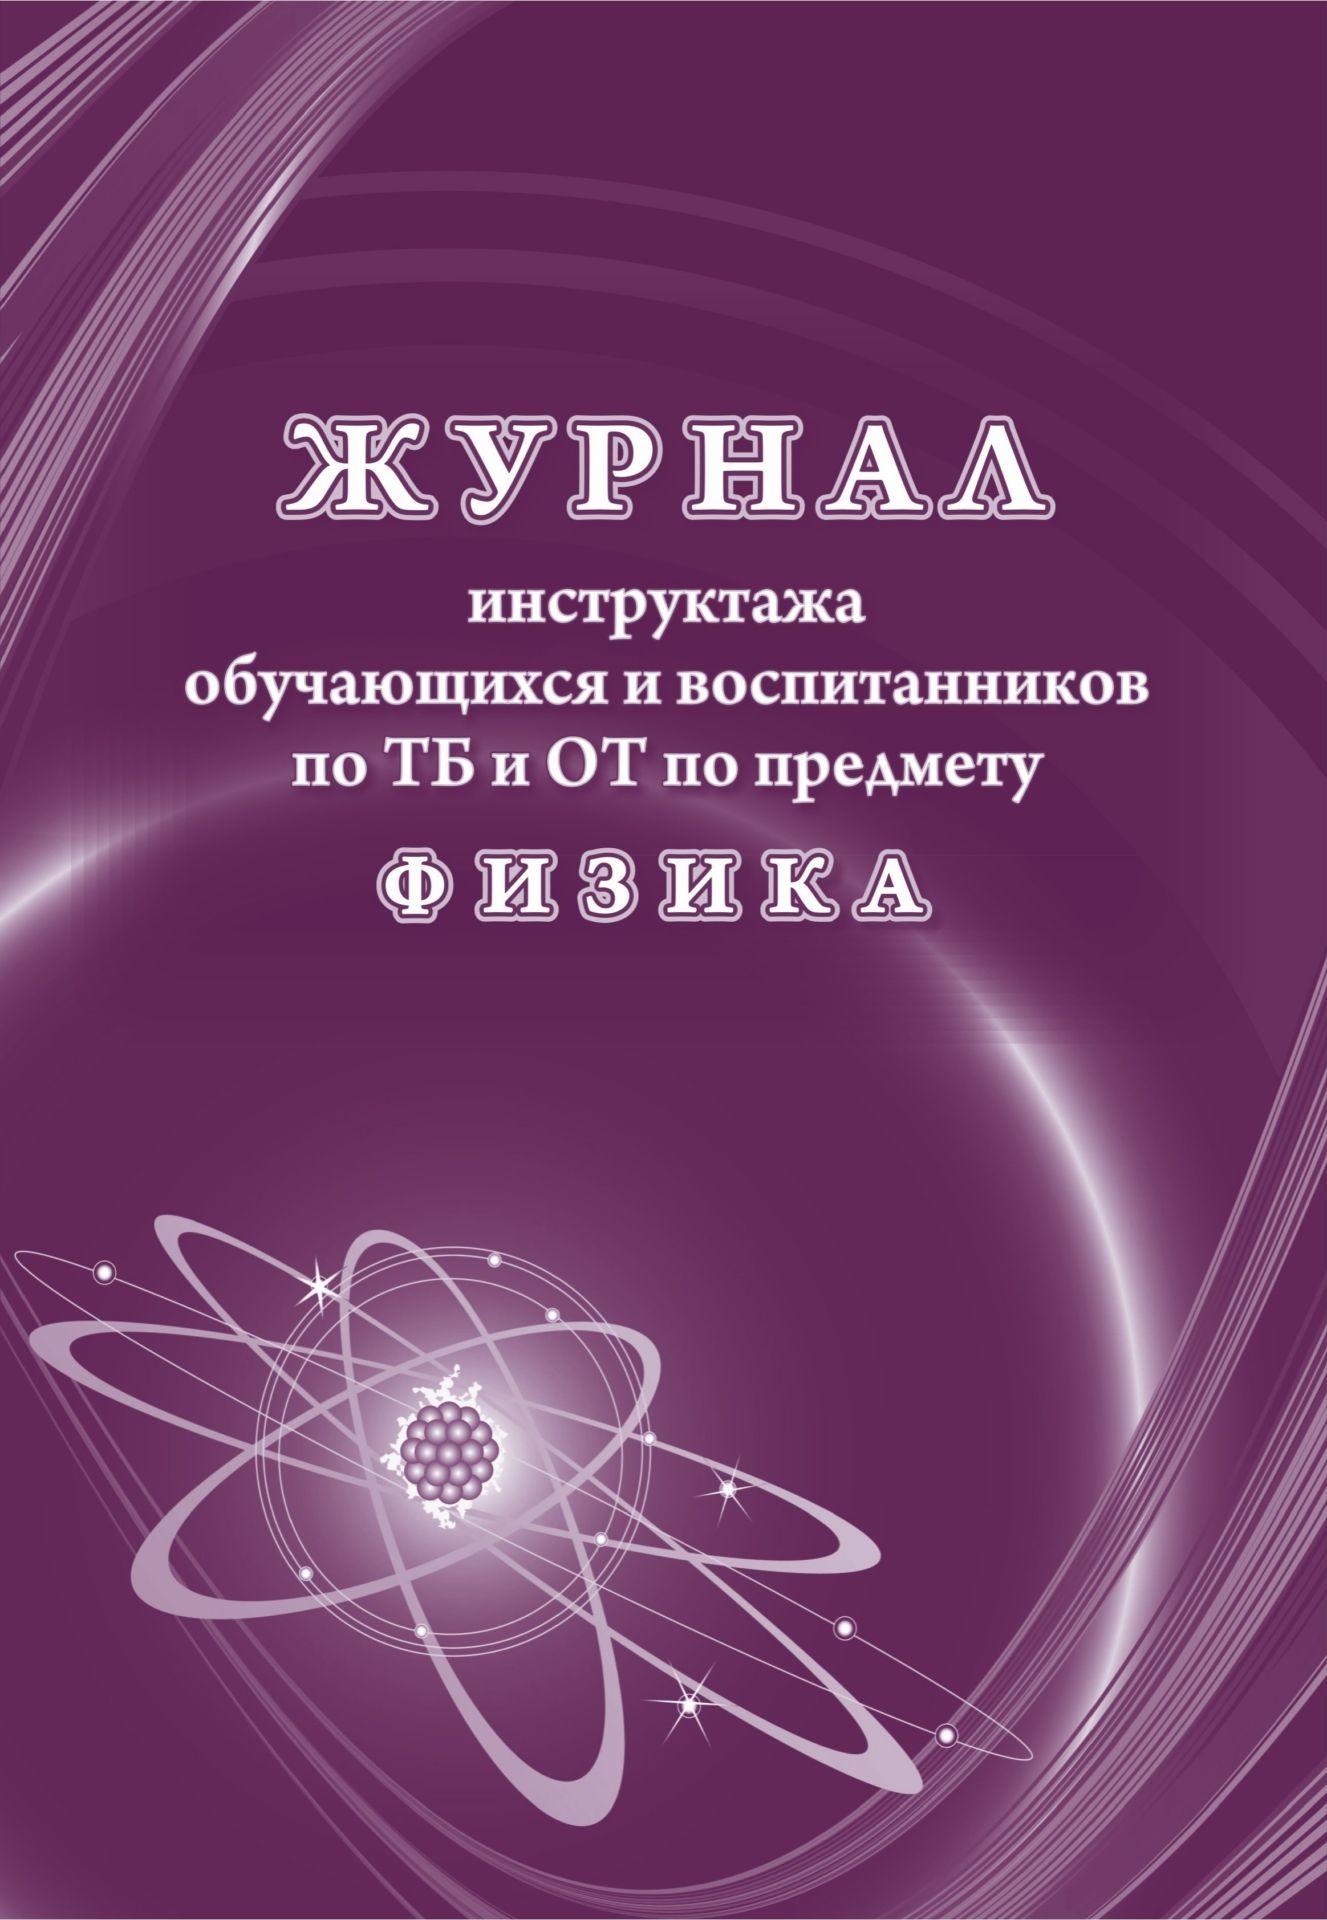 Журнал инструктажа обучающихся и воспитанников по ТБ ОТ предмету физика